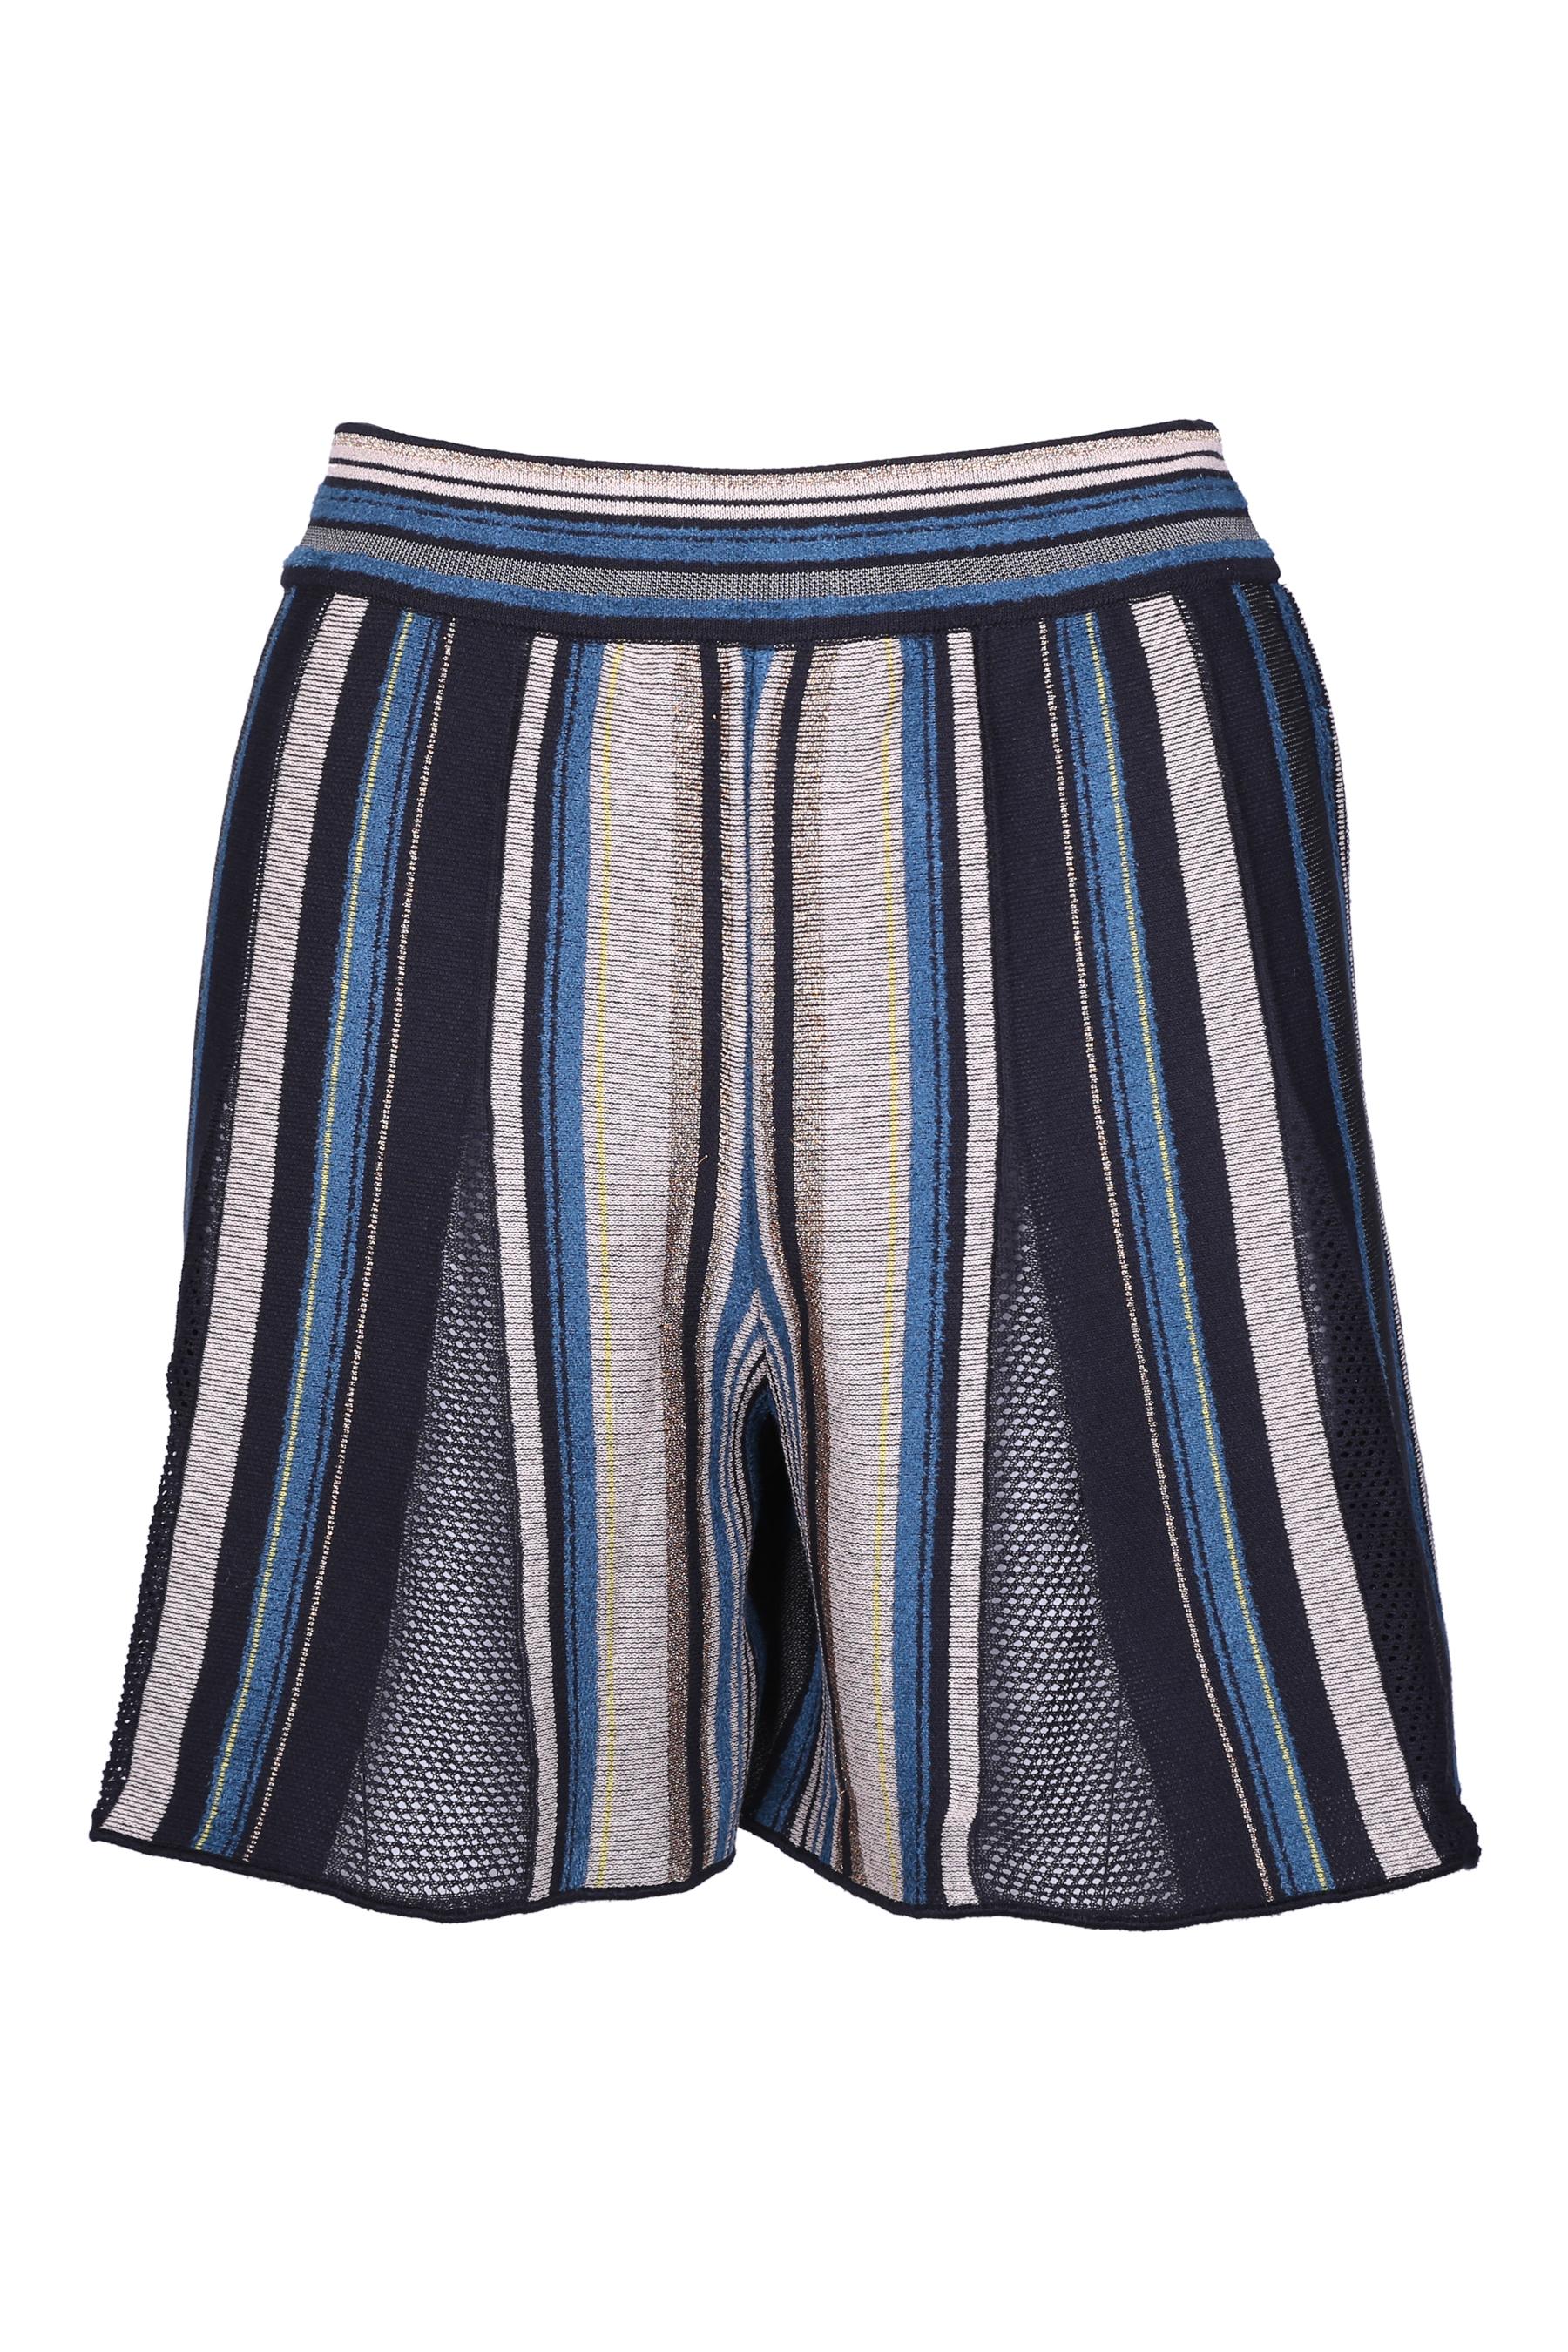 SHORTS A PANNELLI VERTICALI M MISSONI | Shorts | 2DI000692K001YS903H